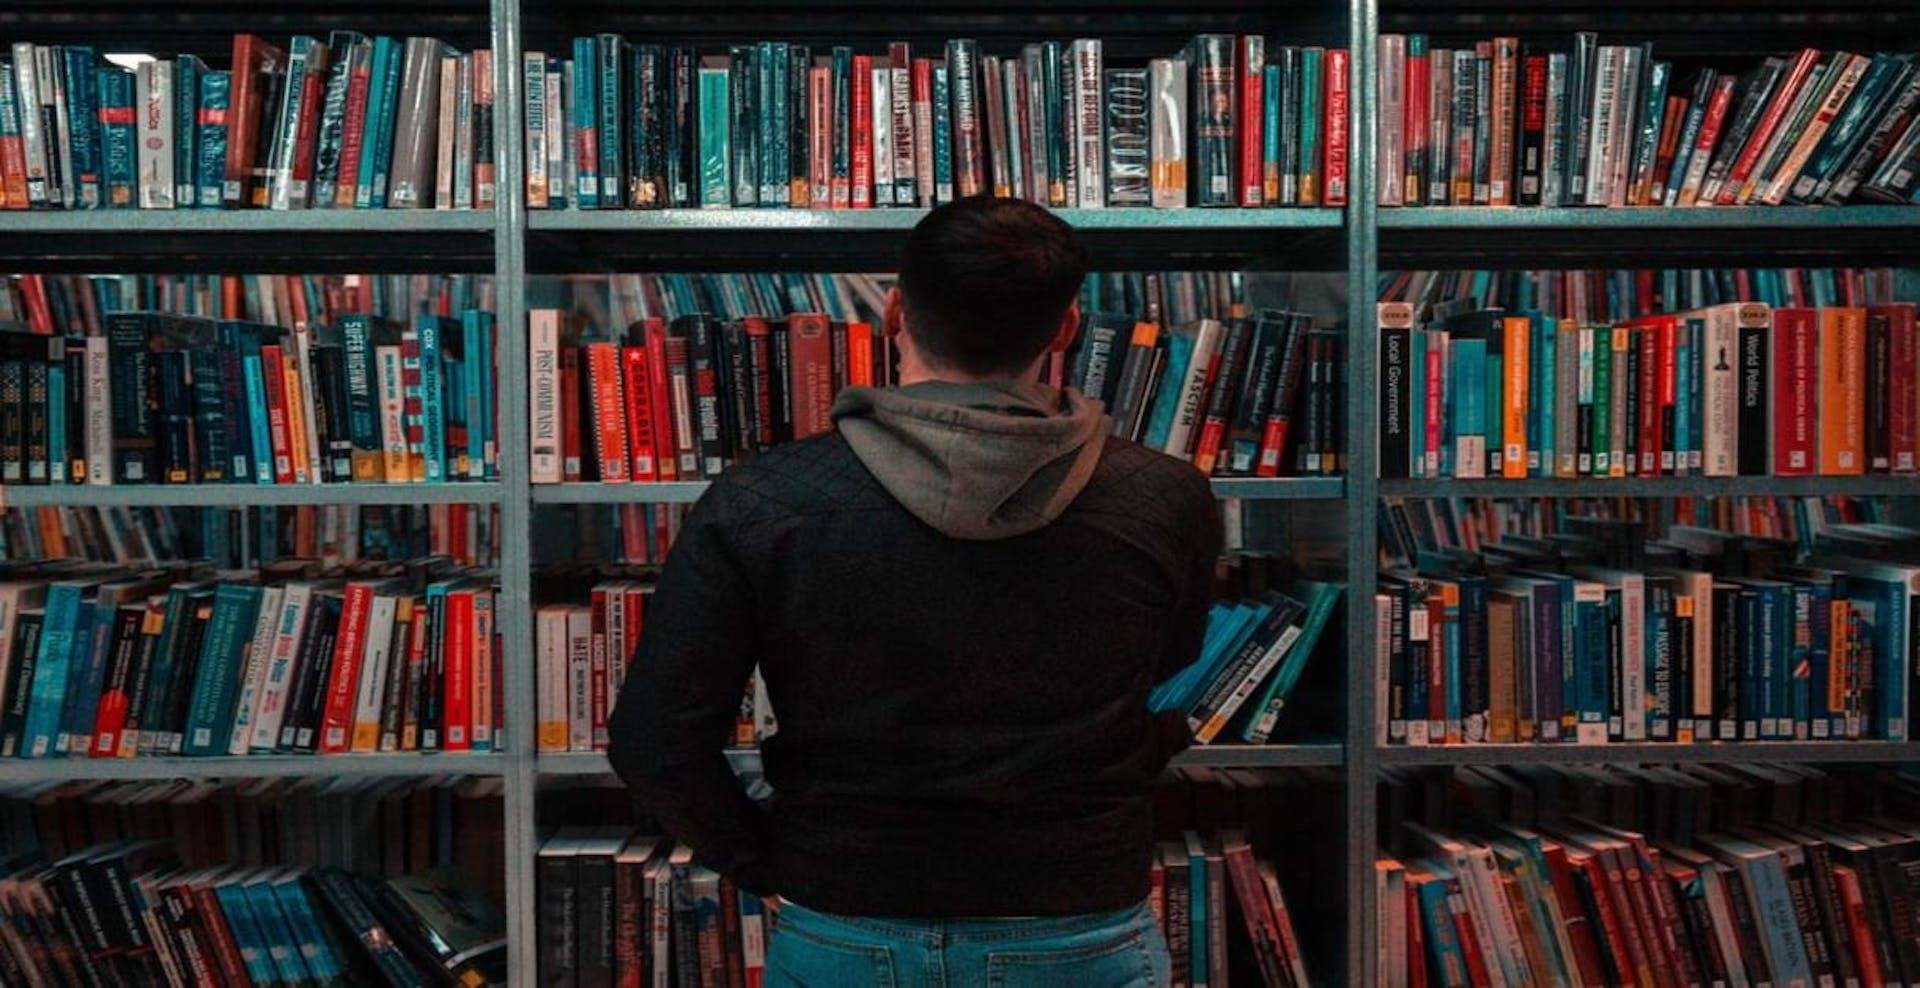 Importancia del conocimiento: ¿por qué nunca debes dejar de aprender?